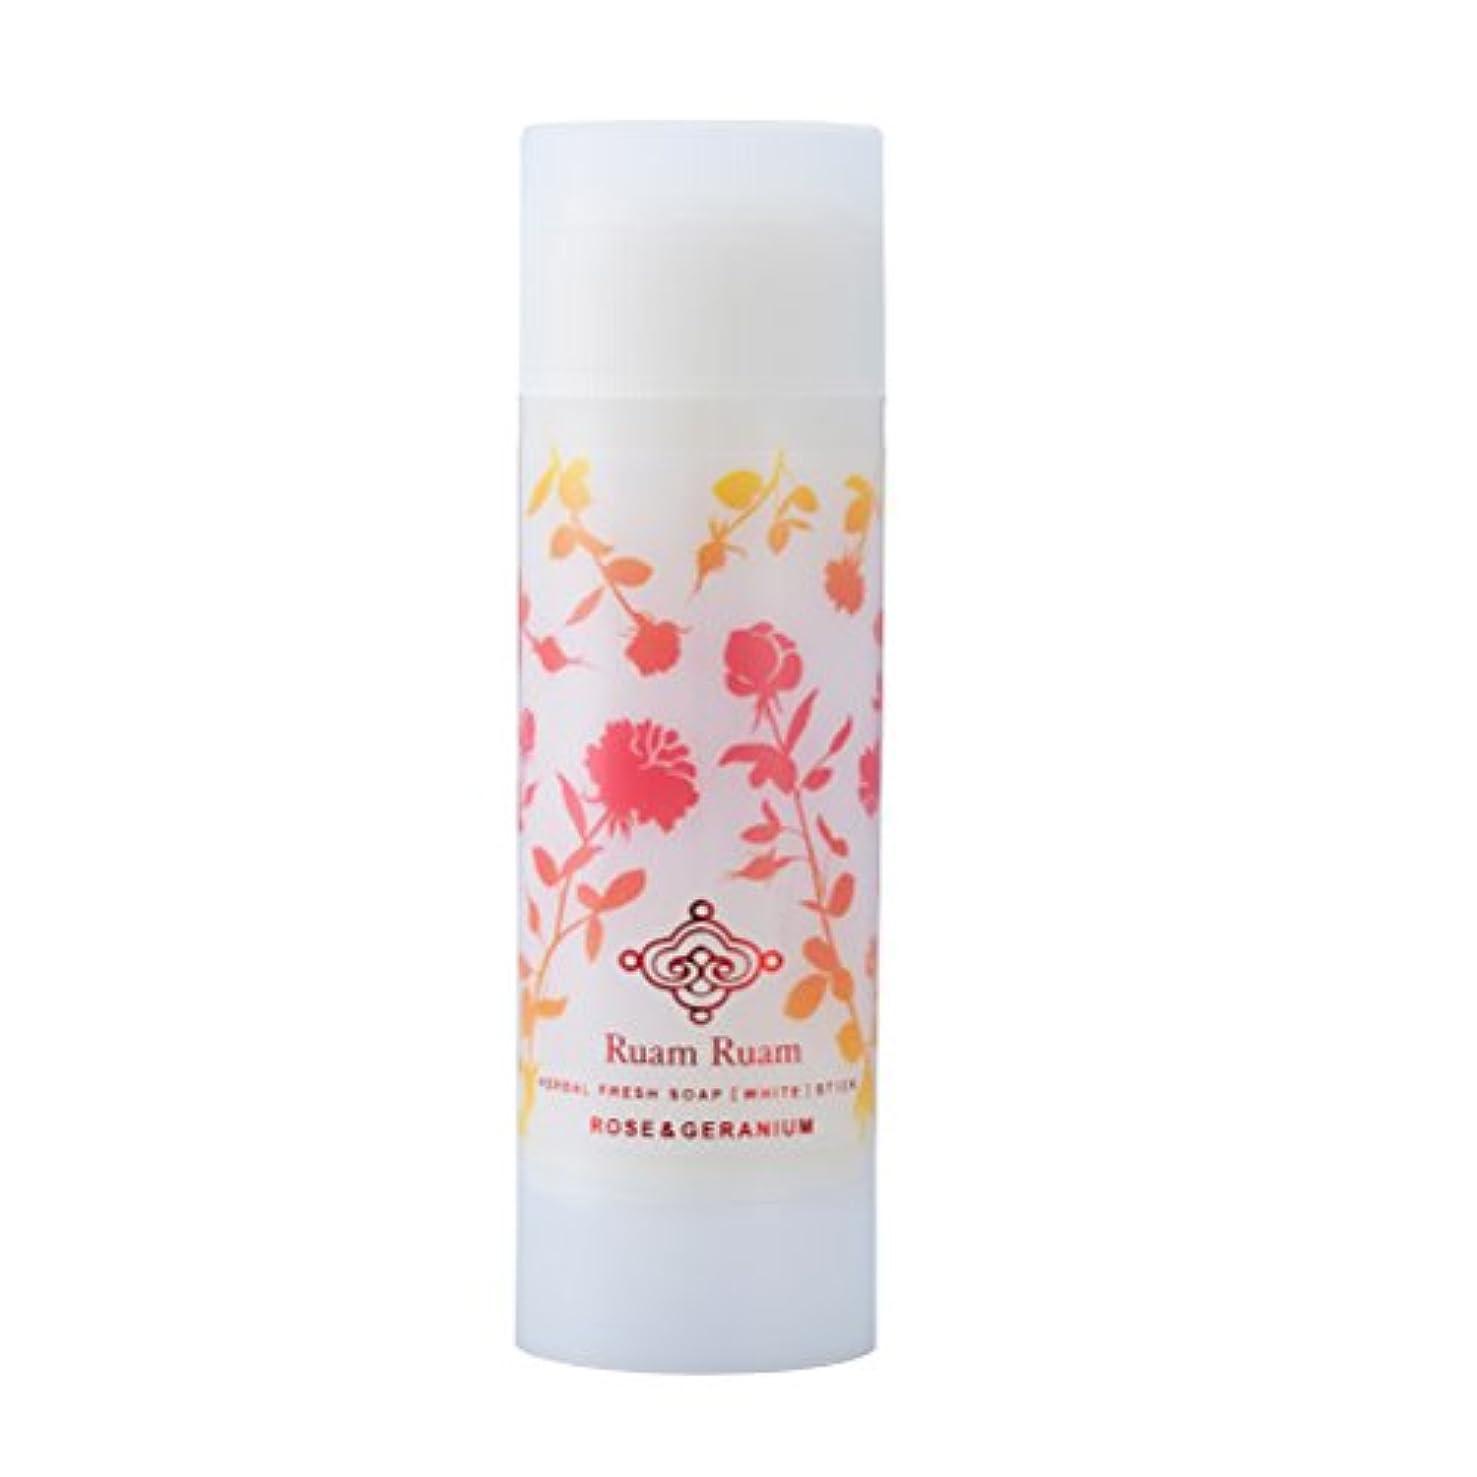 飼料試す閉じ込めるルアンルアン(Ruam Ruam) 洗顔石鹸(白) ローズアンドゼラニウム 90g